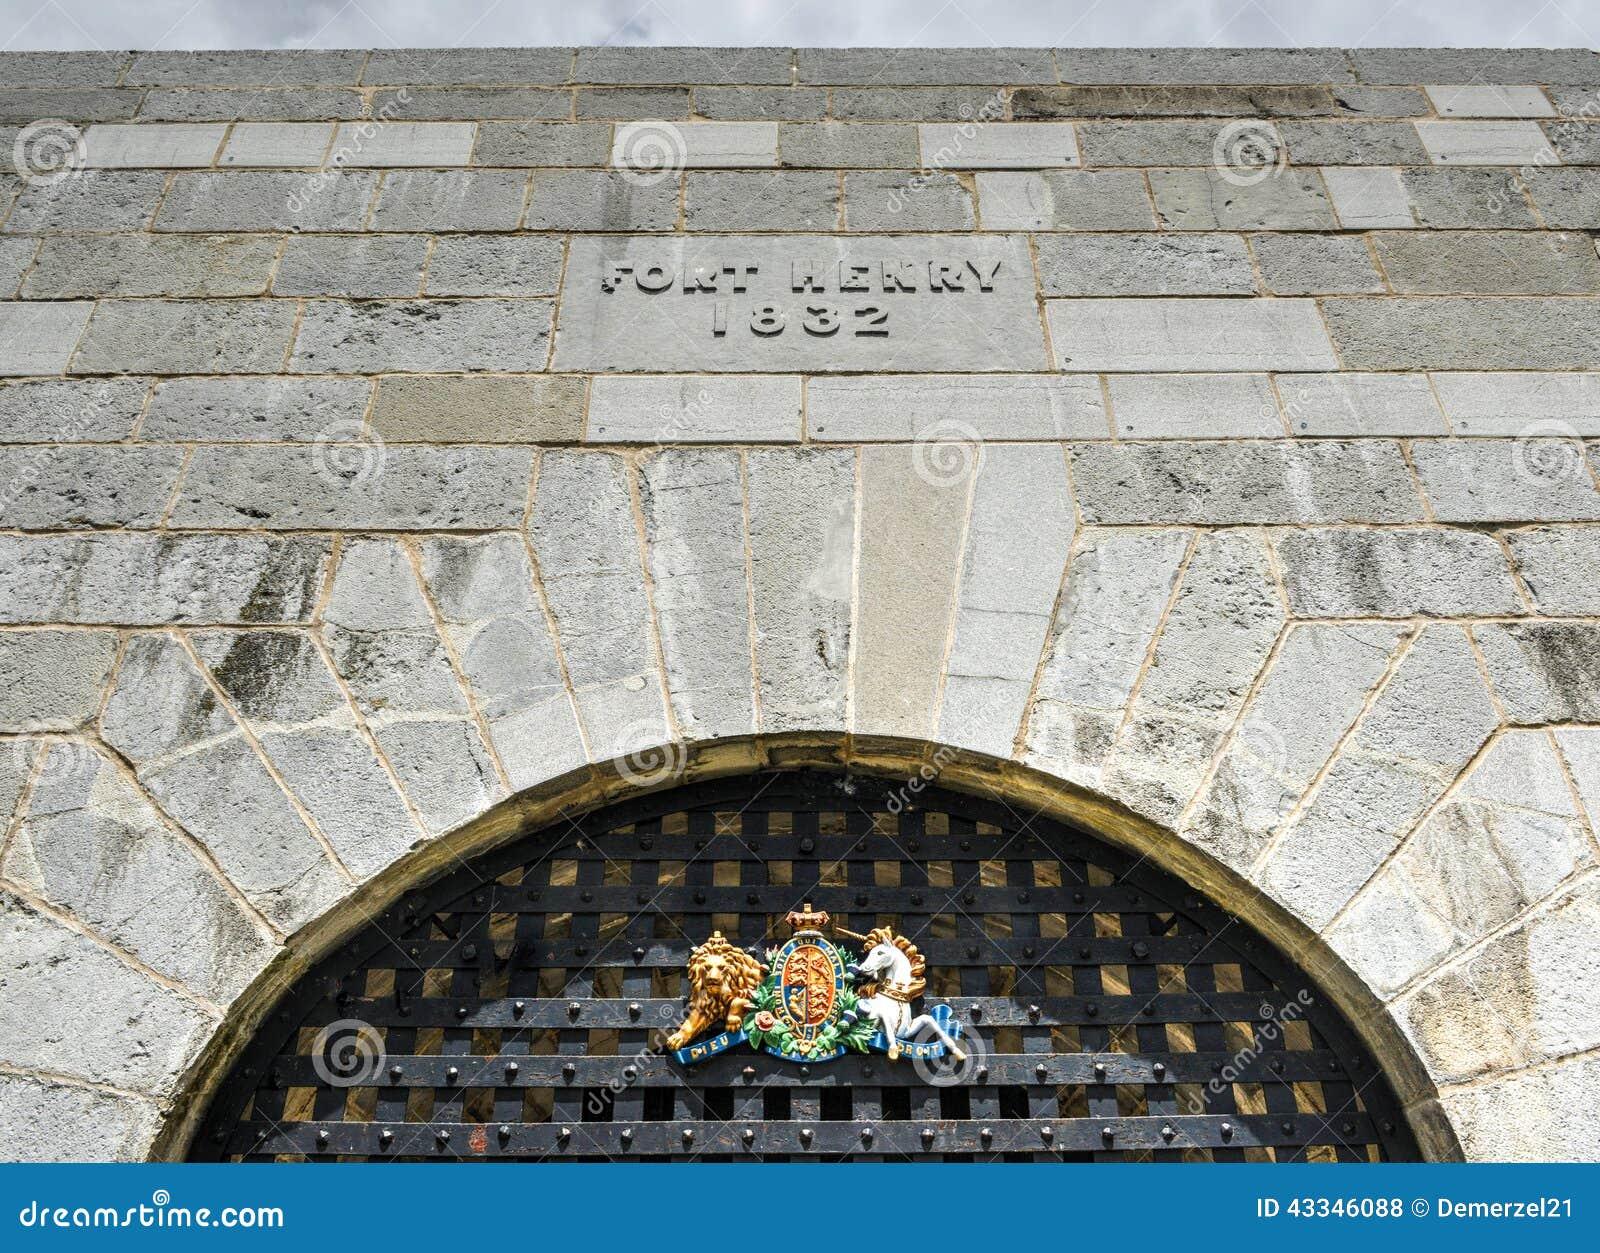 Fortu Henry znak, Ontario, Kanada